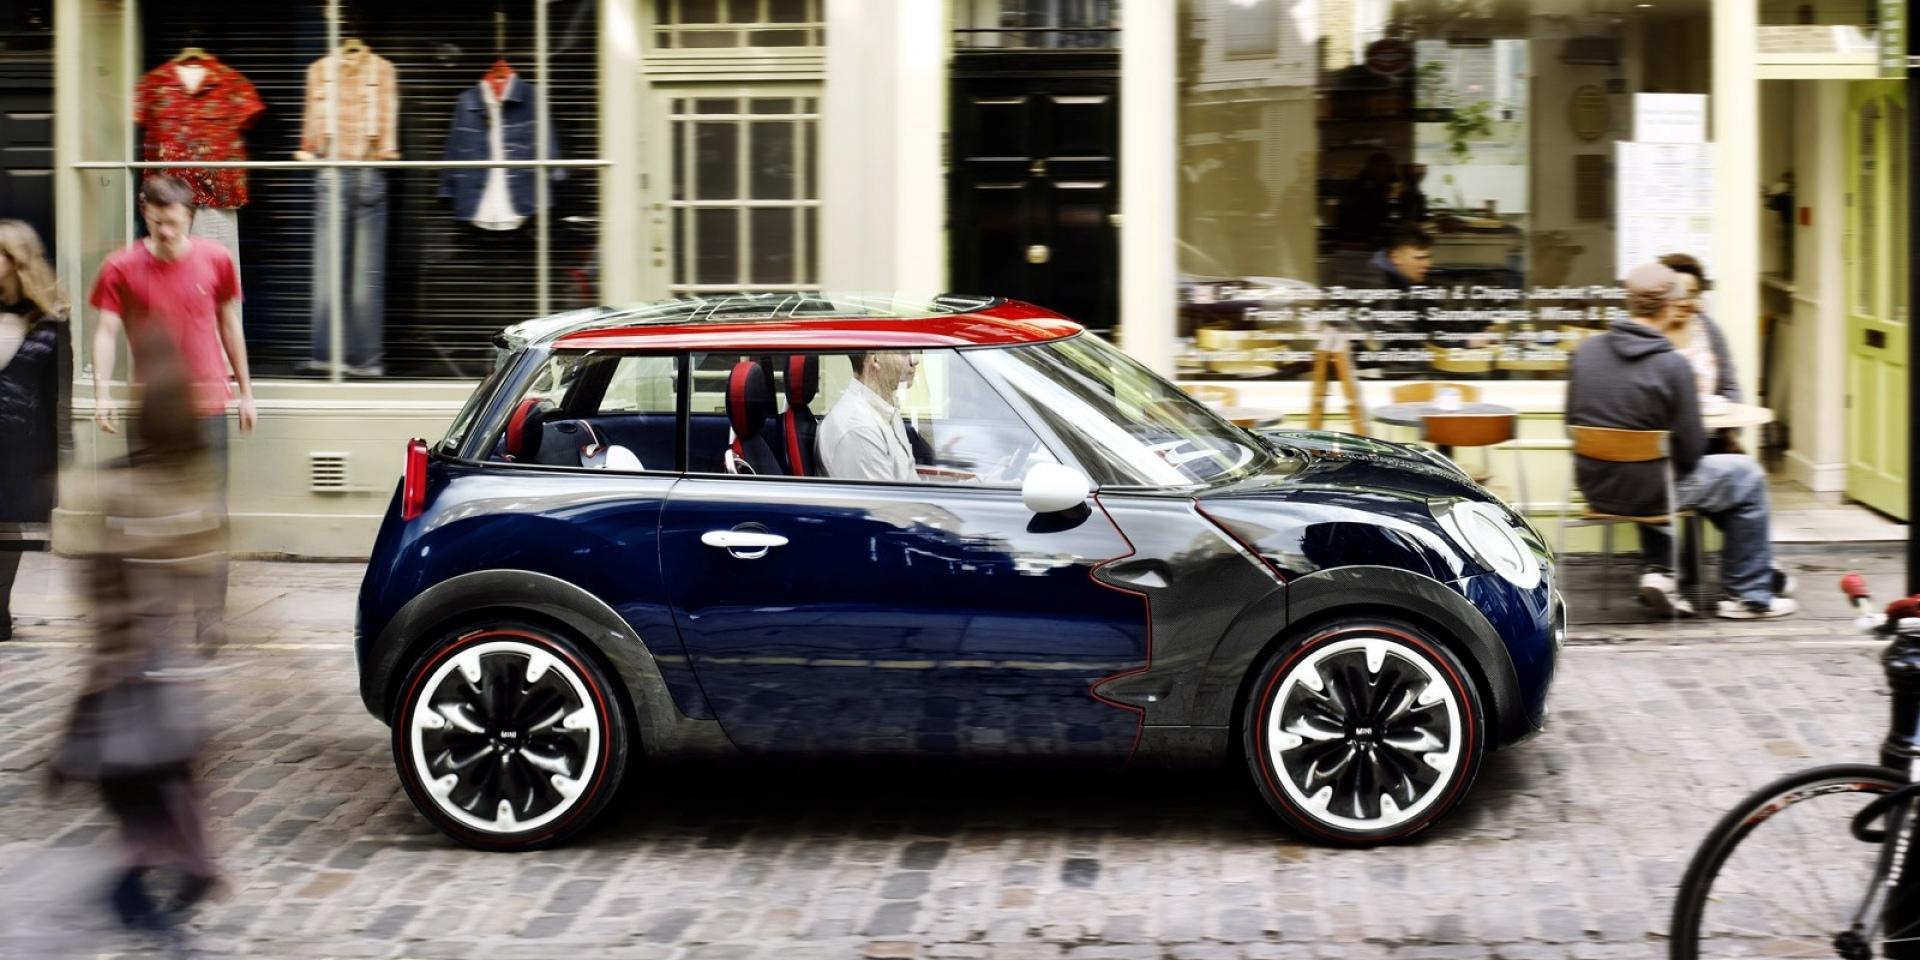 Mini將變更迷你!電動化能夠讓車輛尺碼變小但空間不變!